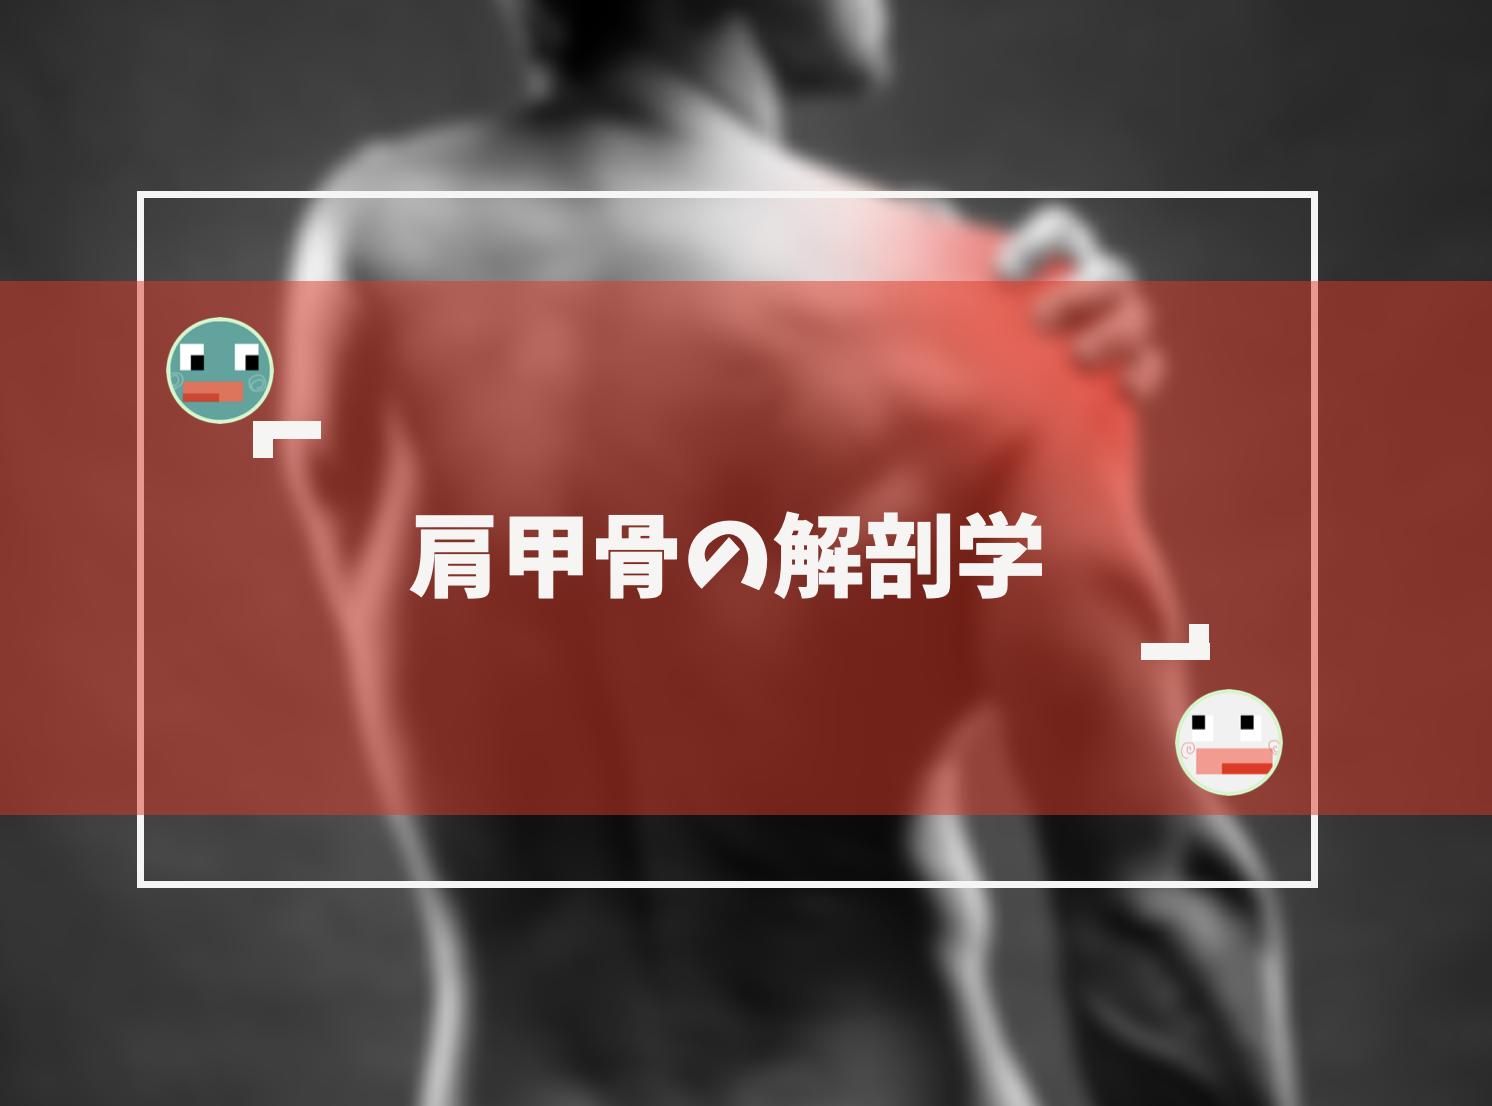 肩甲骨の基礎解剖学